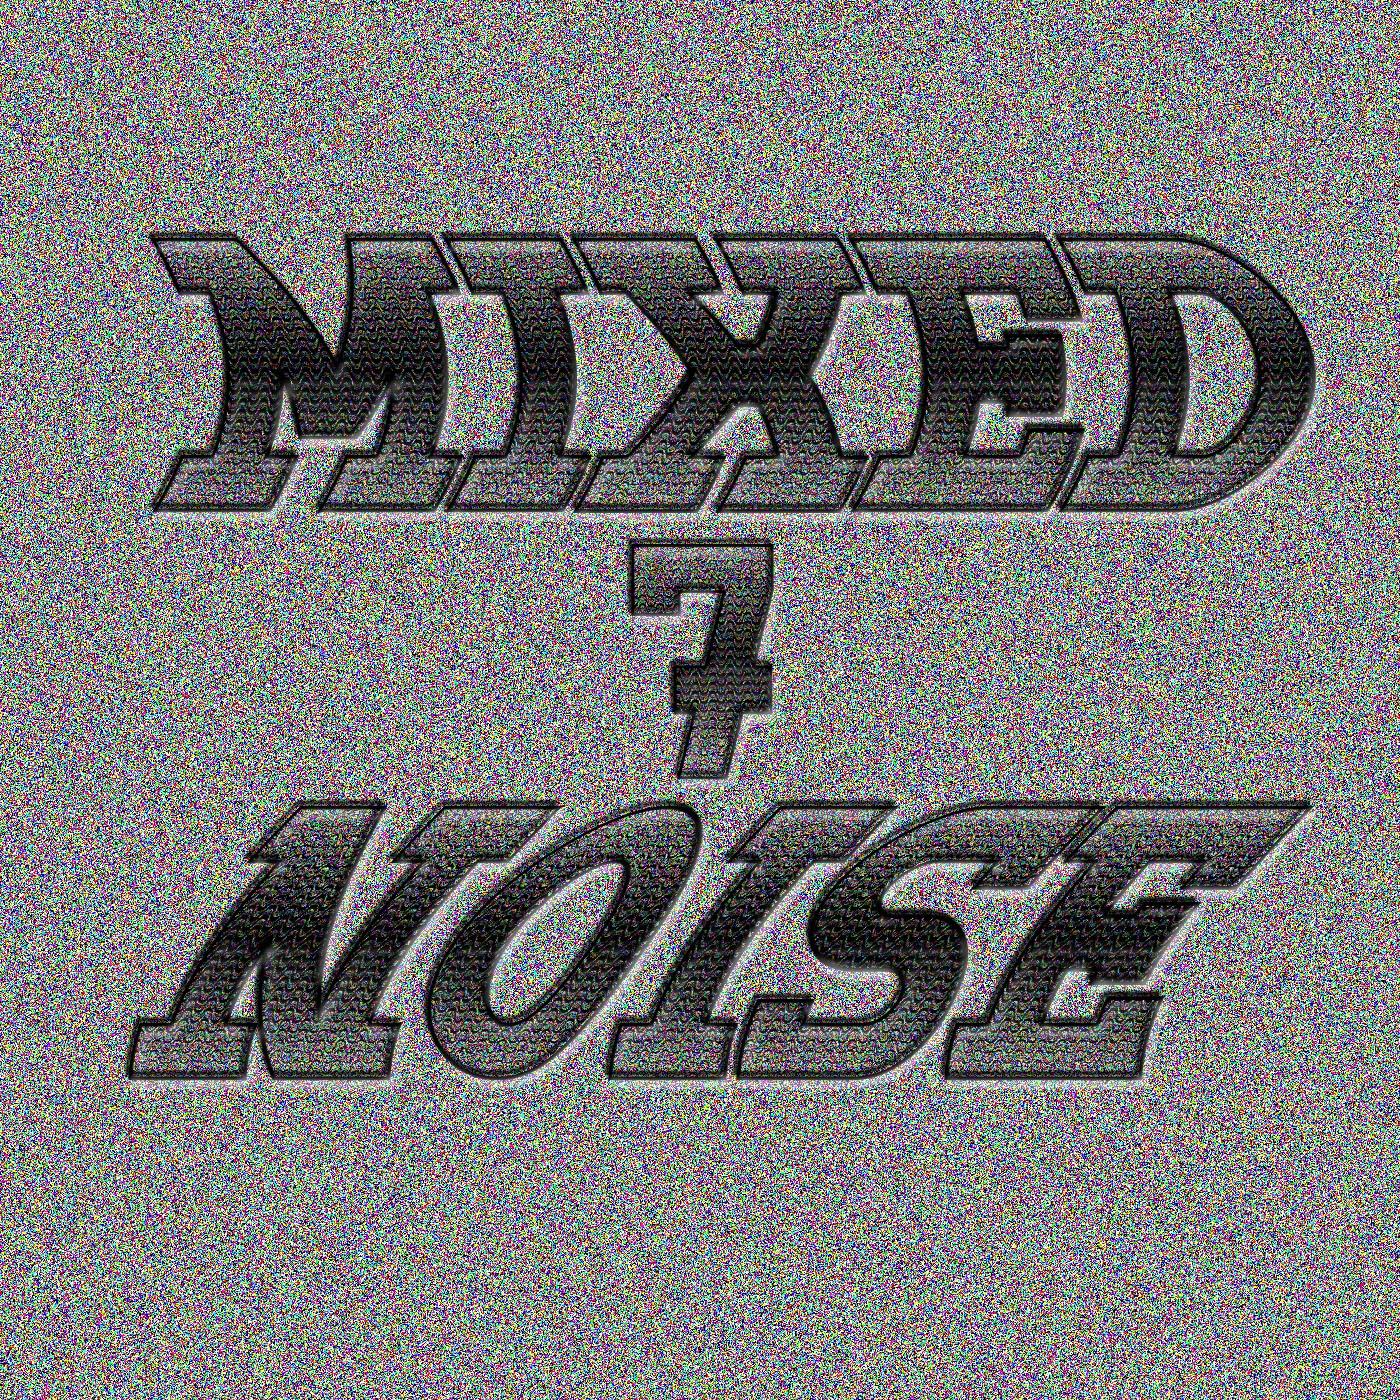 mixednoiselogo7